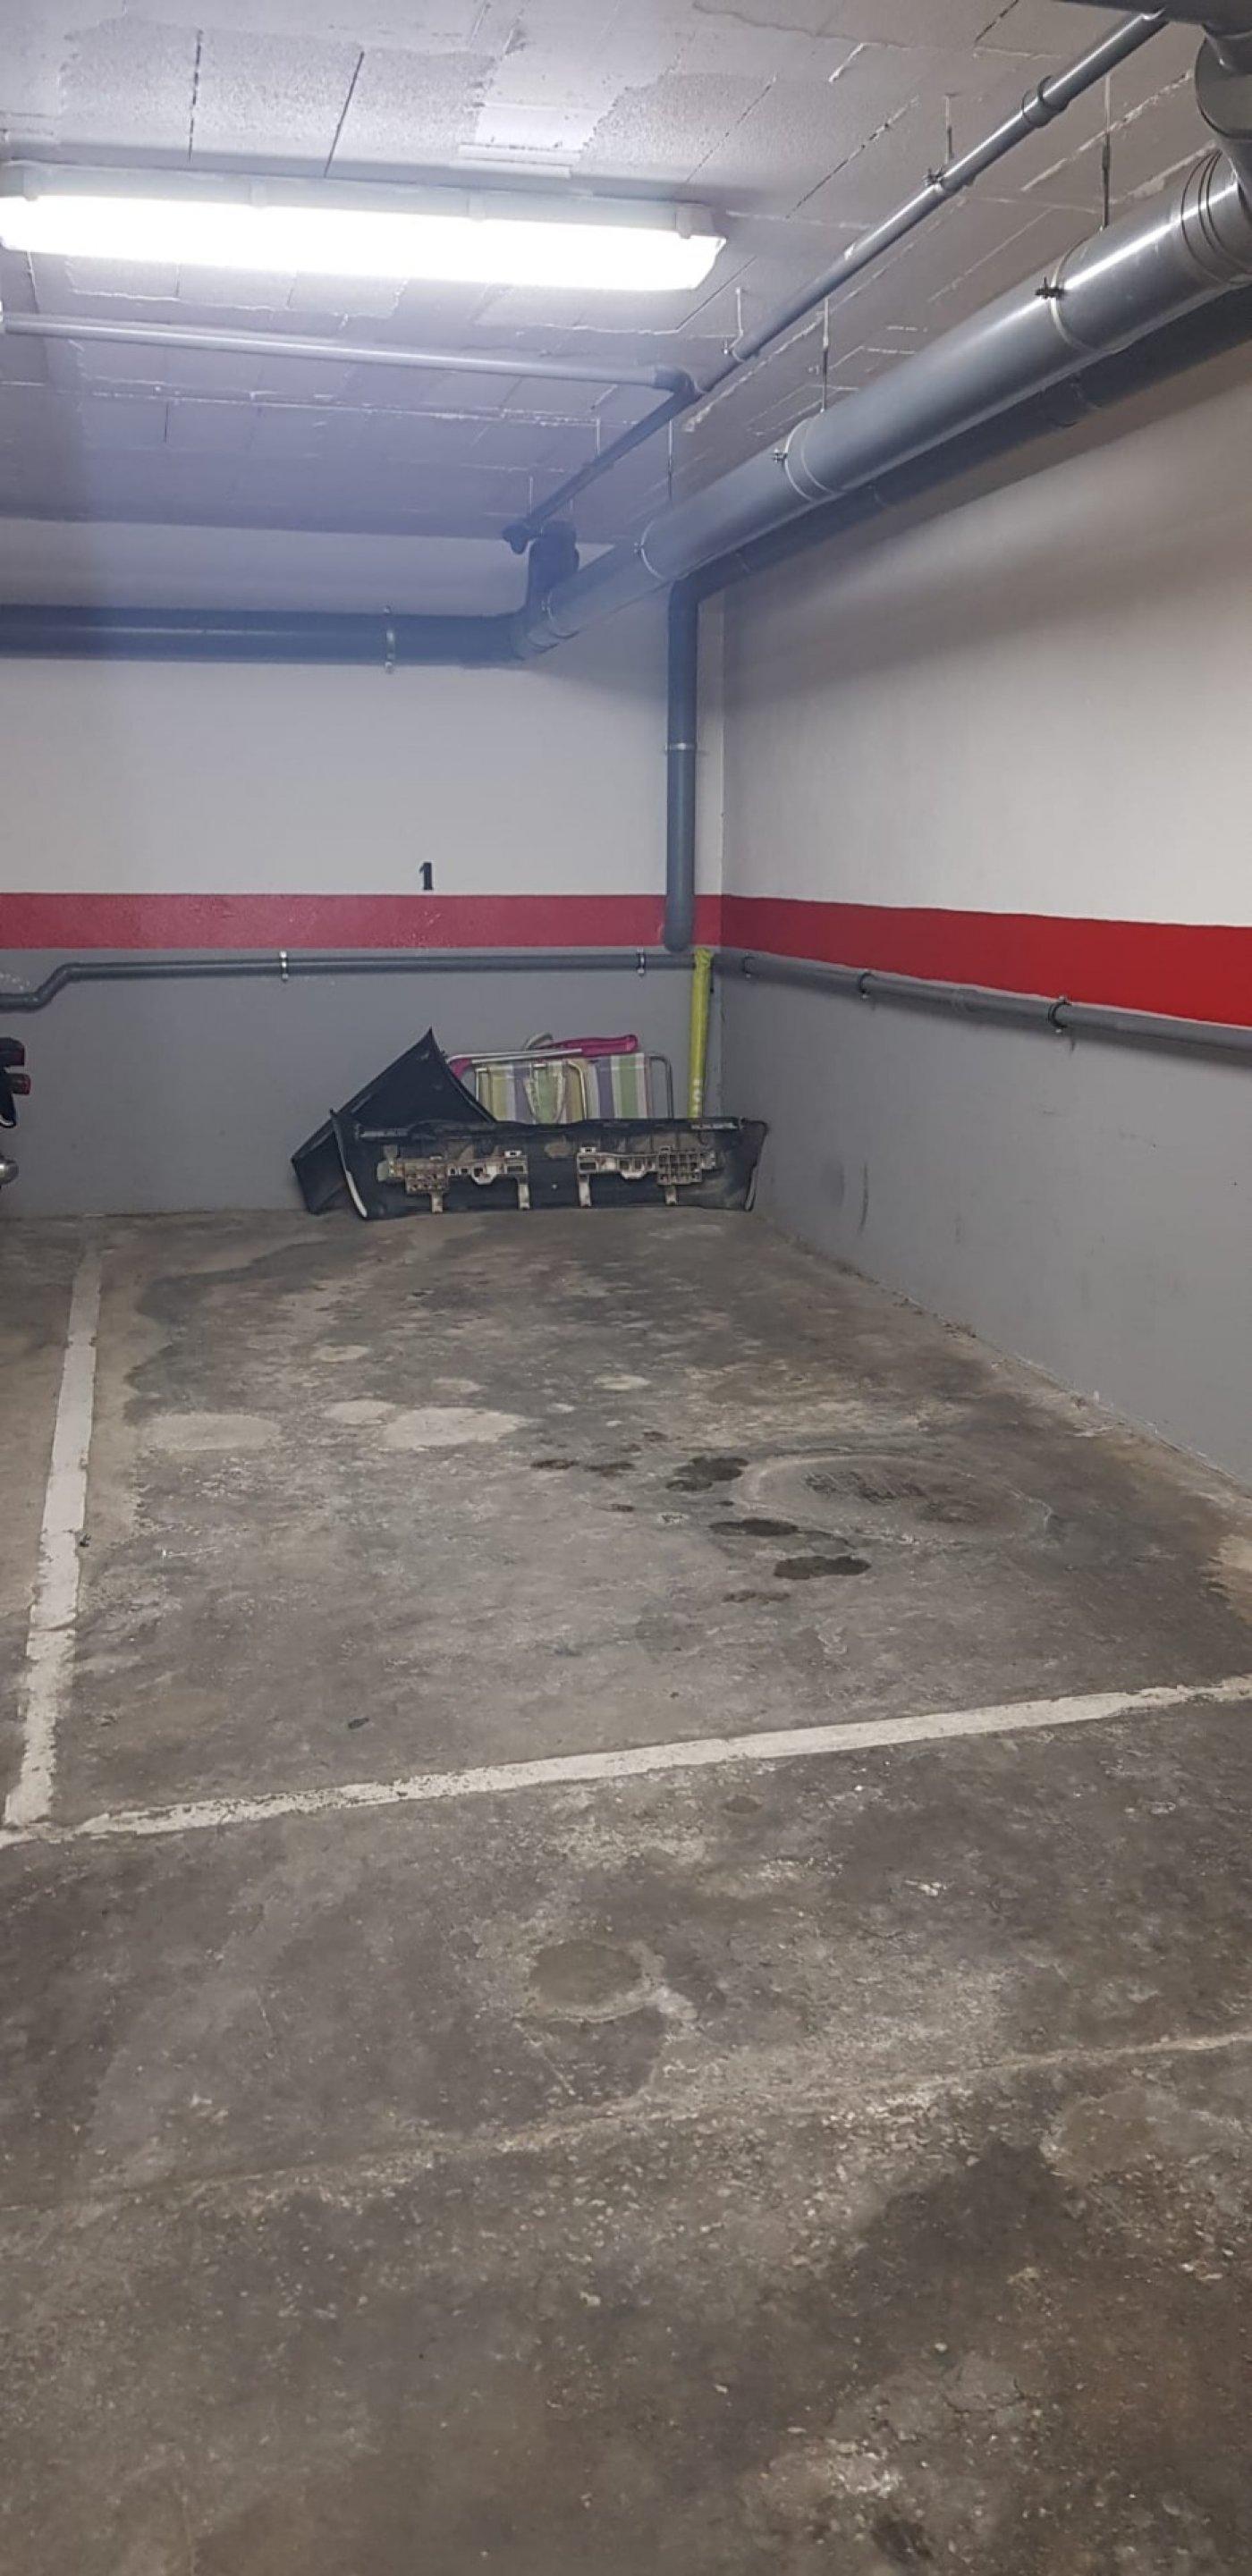 Se vende bonito apartamento semi nuevo con parking en andratx - imagenInmueble6